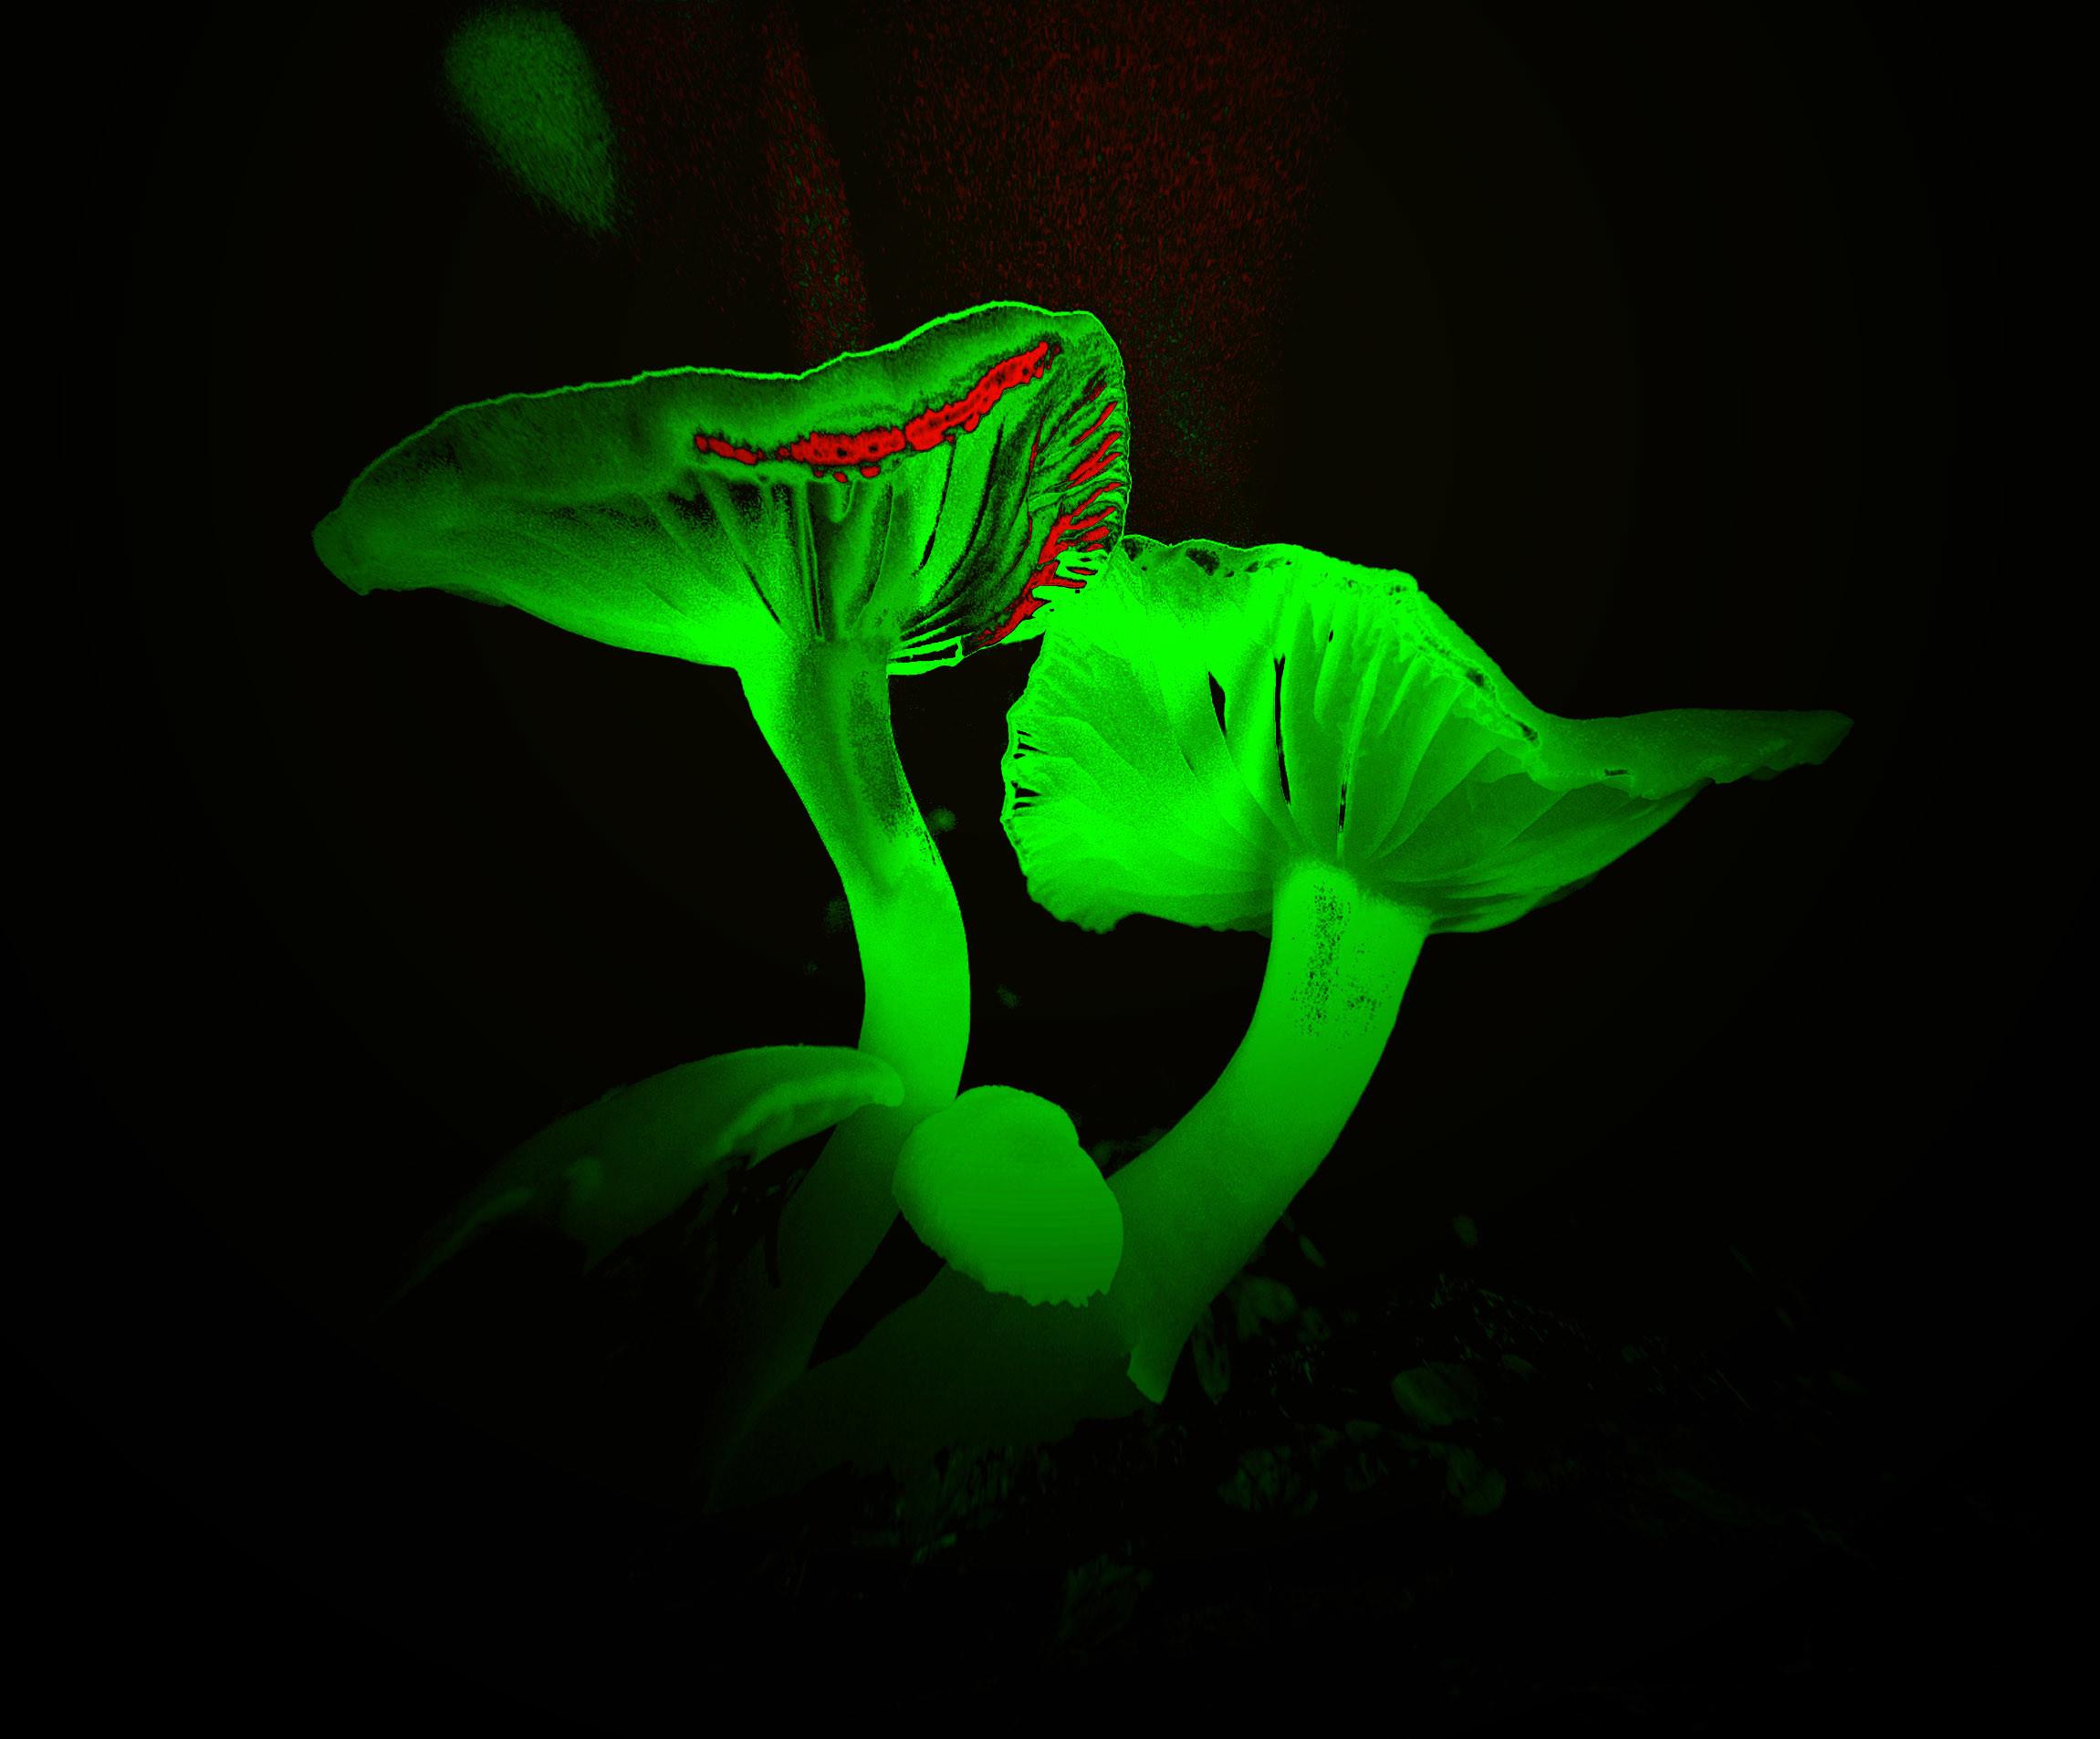 Bright neon green mushroom wallpaper